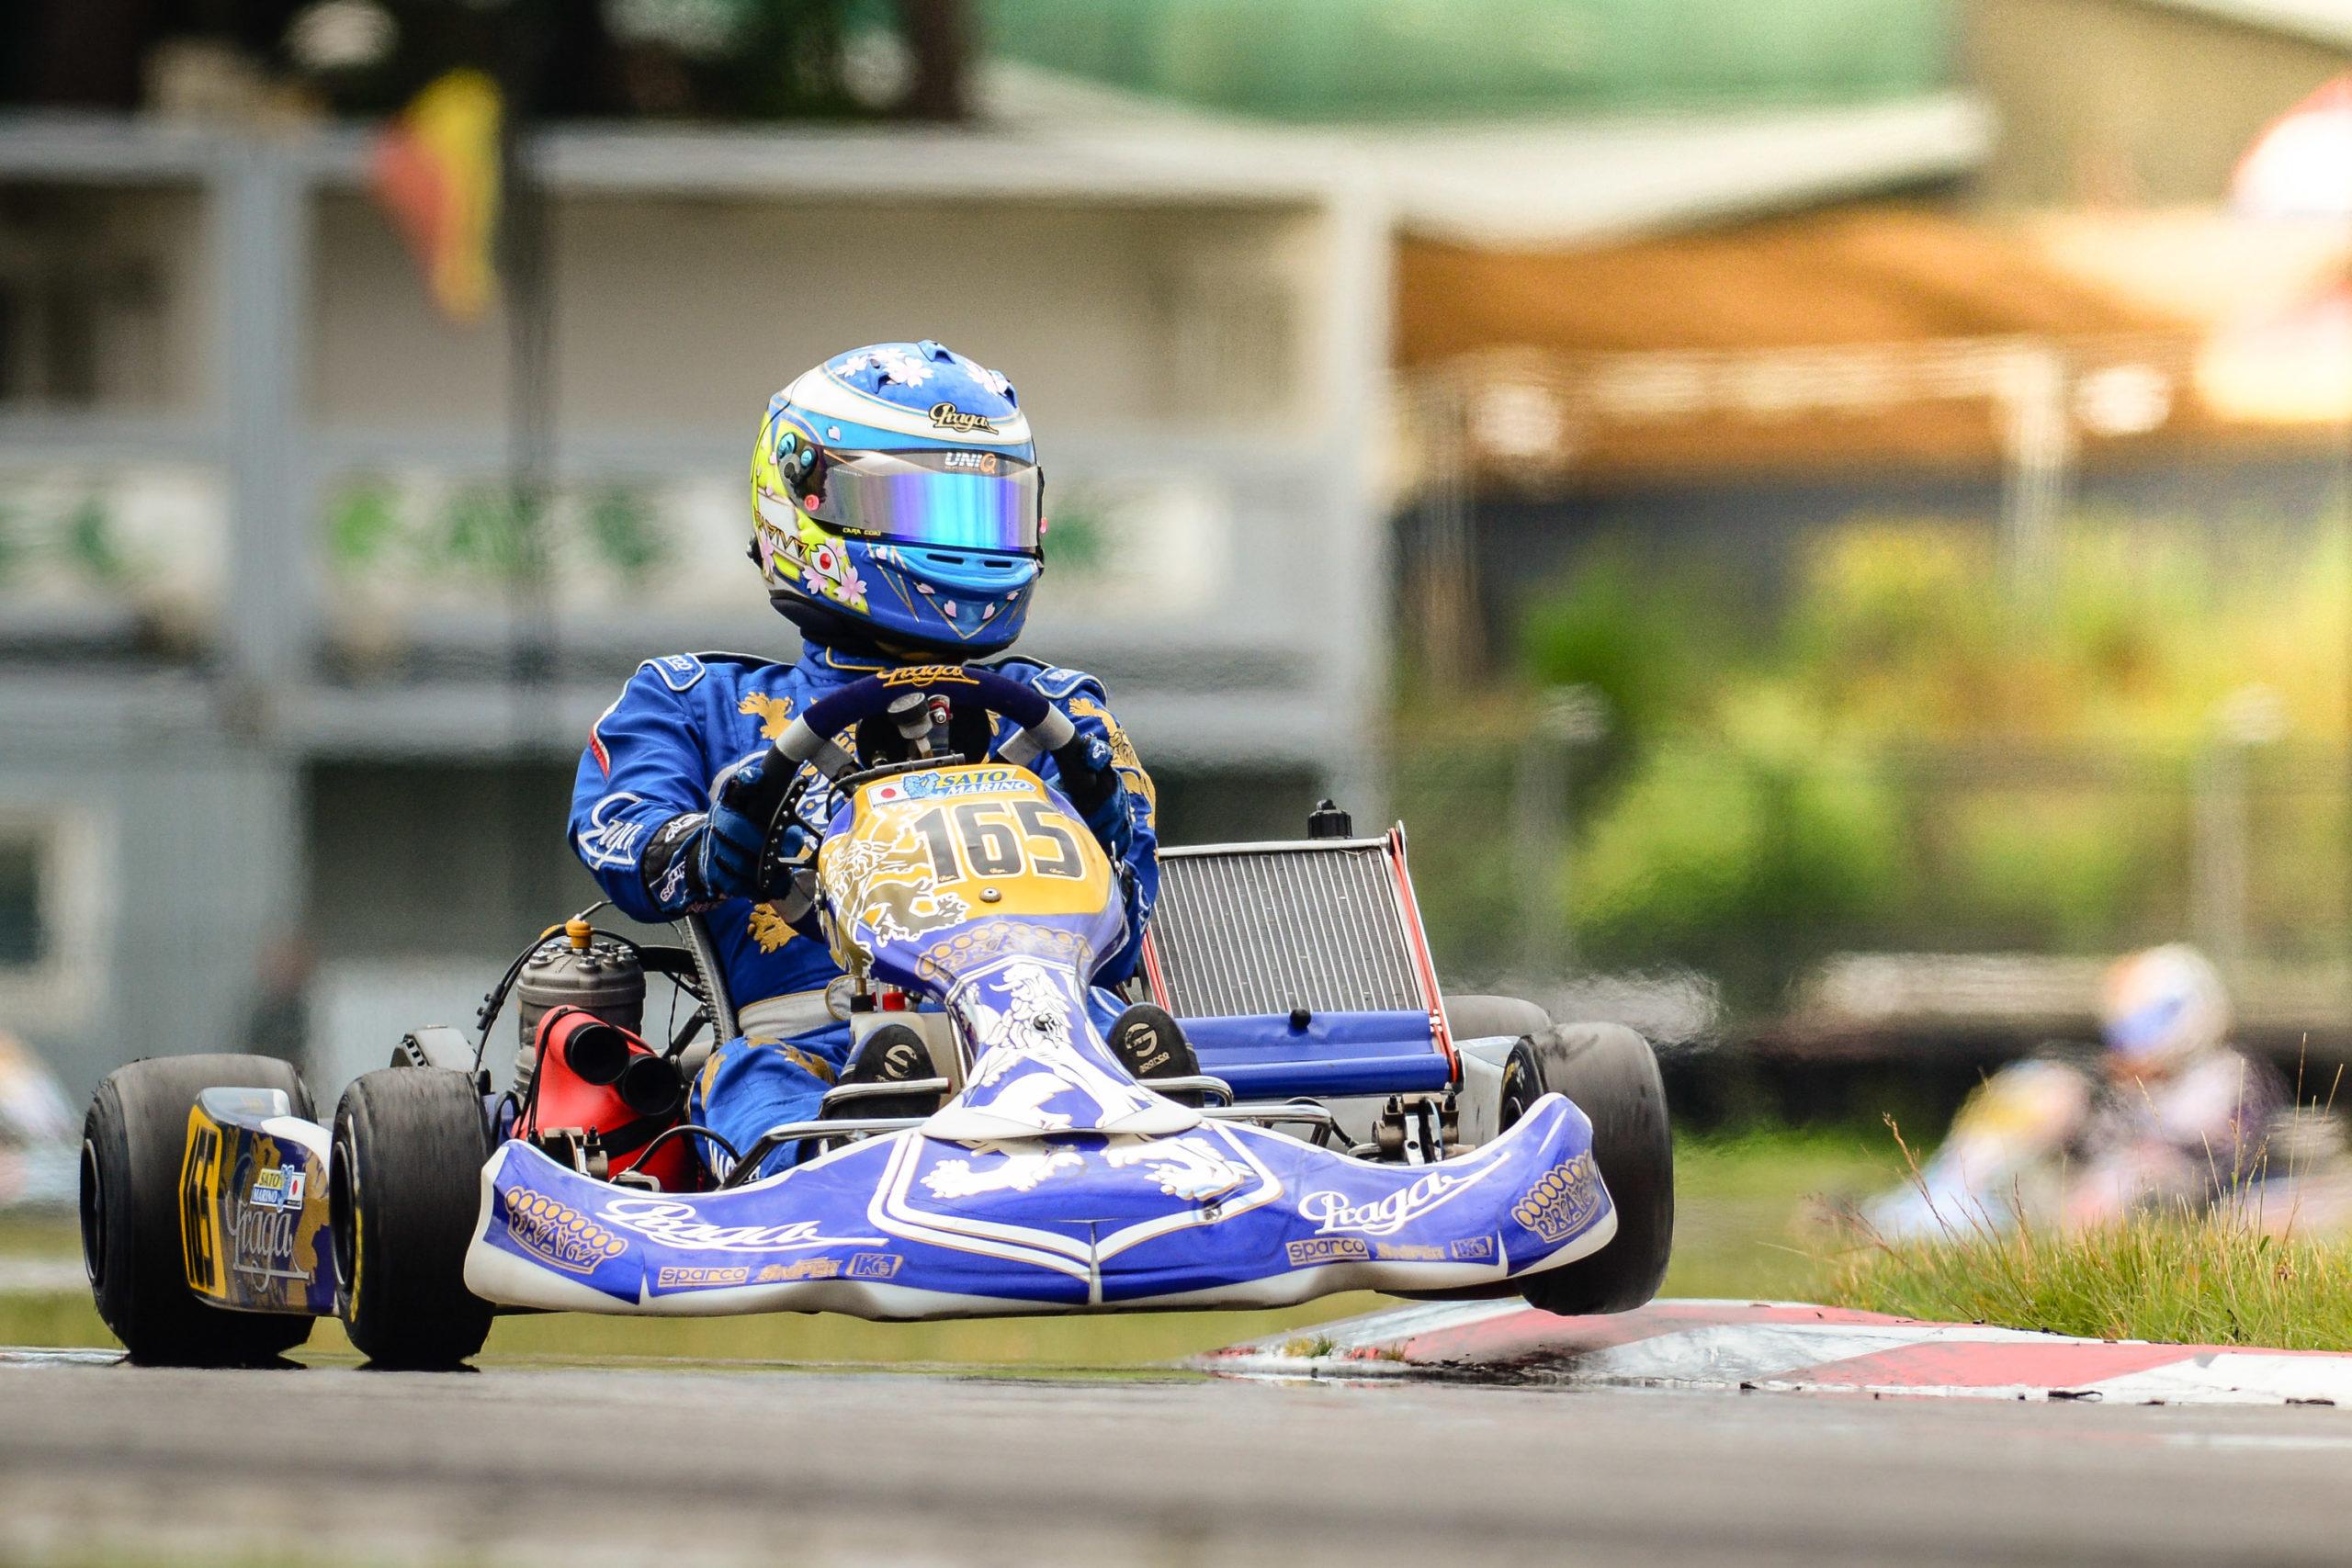 Unfortunate weekend for Praga Kart Racing